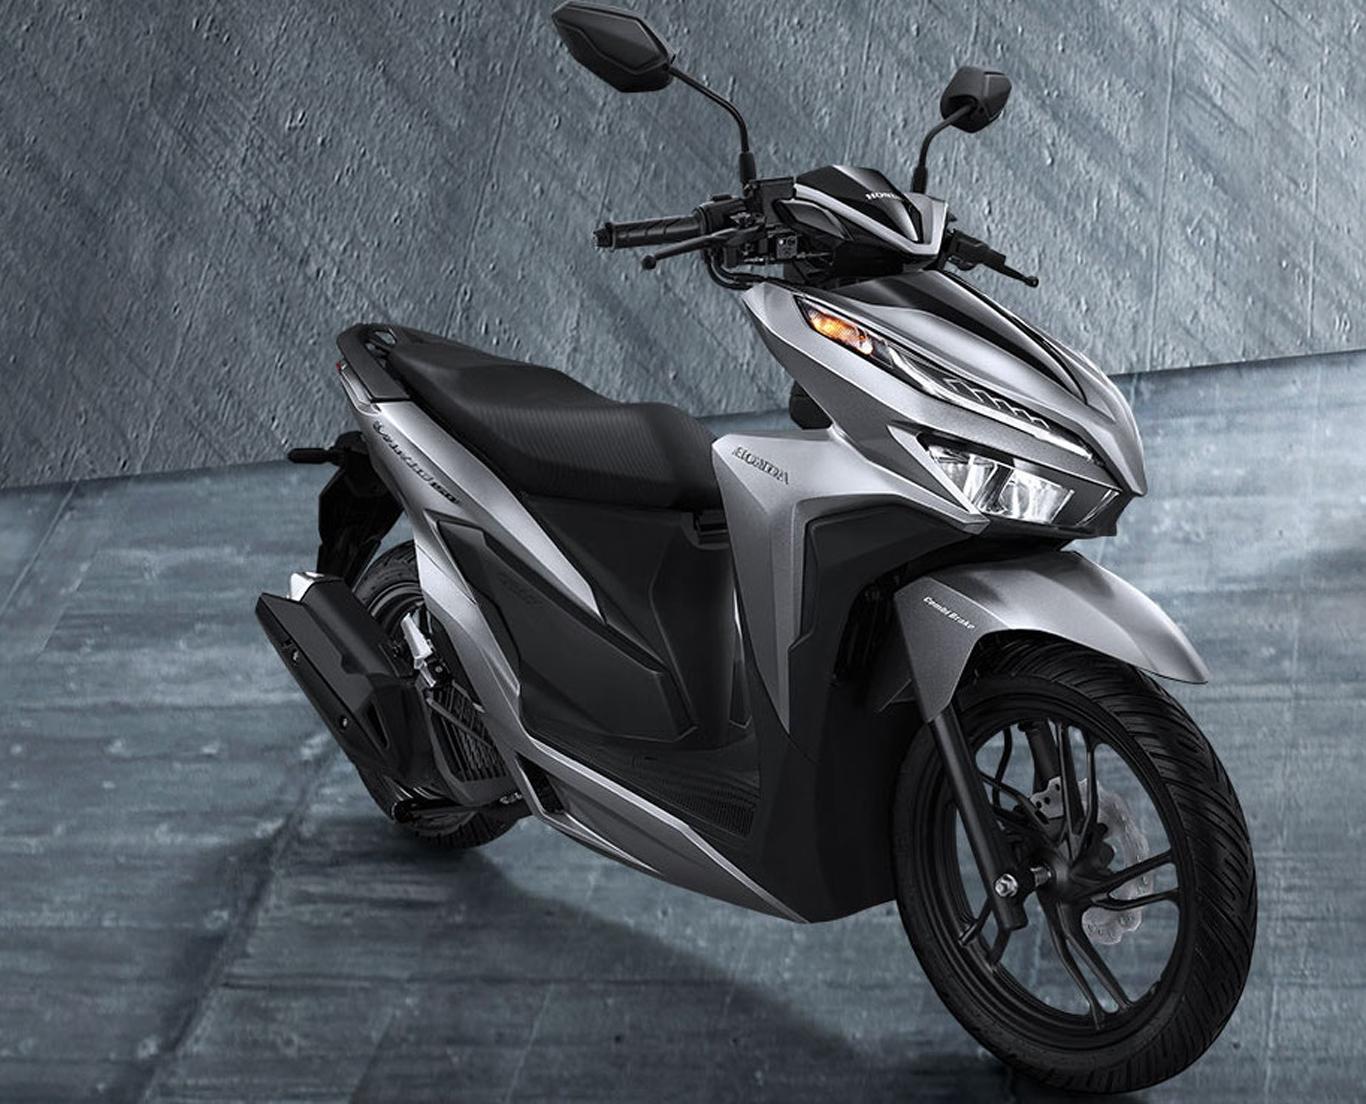 Honda Vario có nhiều ưu điểm đáng nói về động cơ và thiết kế